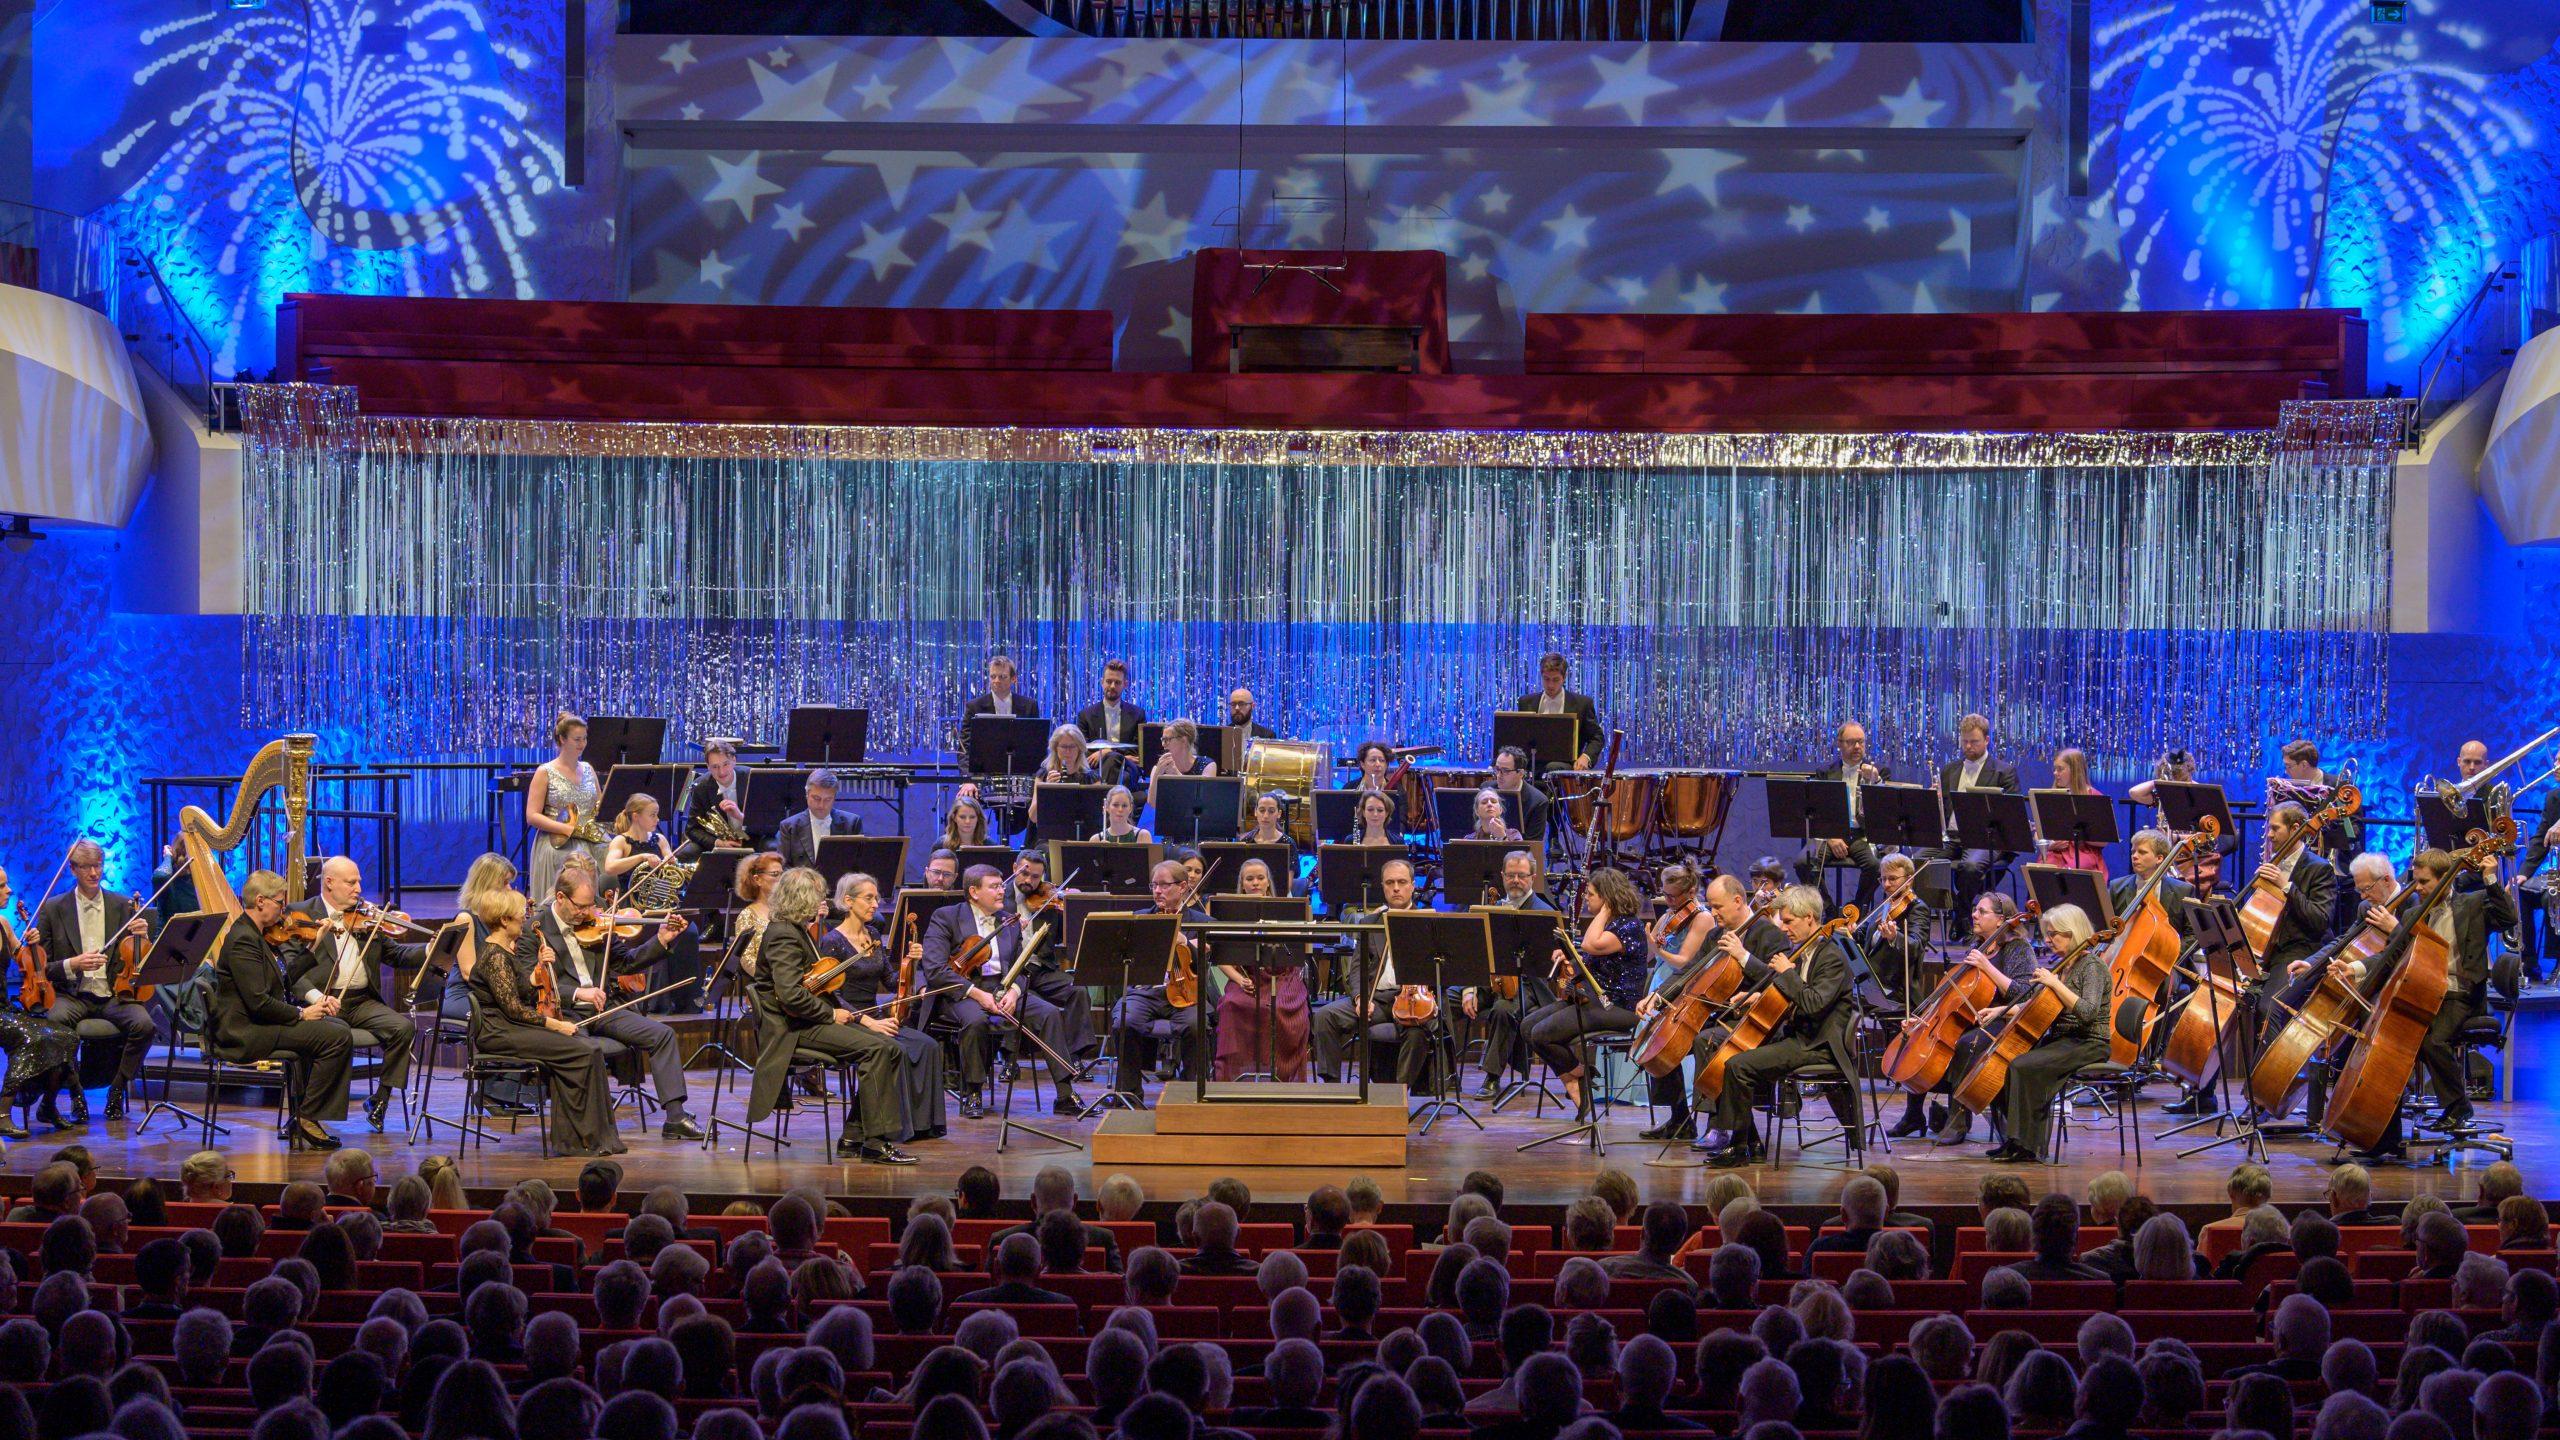 Bliver magisk: Alex Vargas og Aalborg Symfoniorkester med helt unik koncert